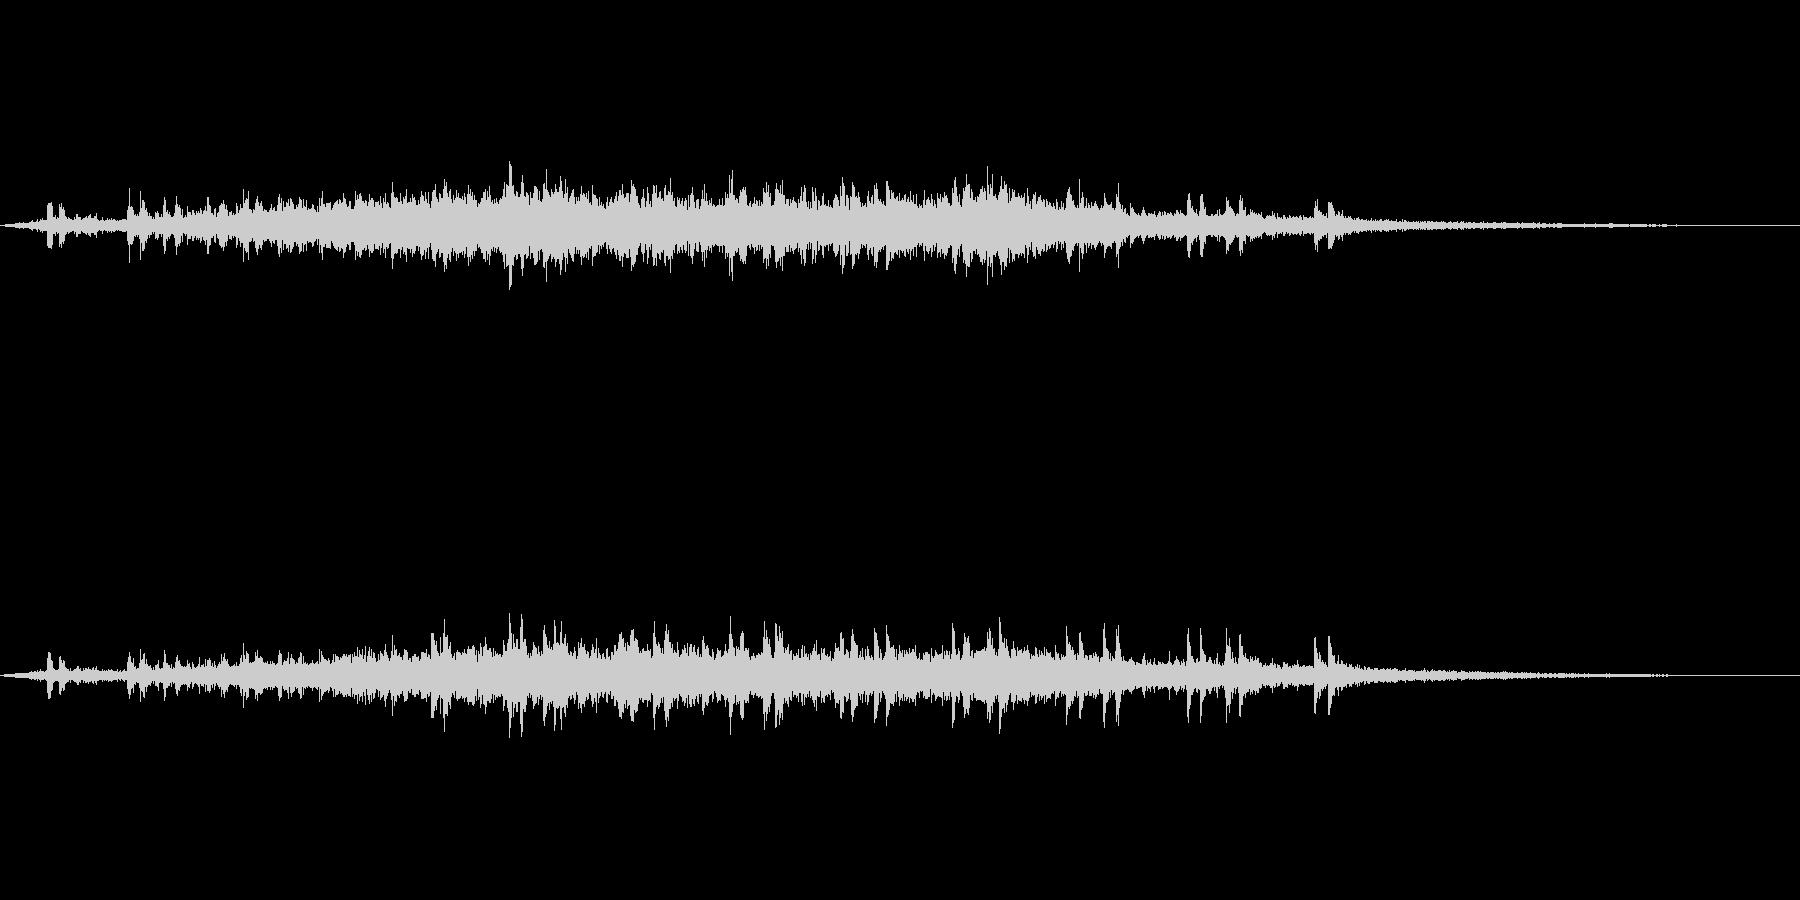 【環境音】電車の通過01の未再生の波形